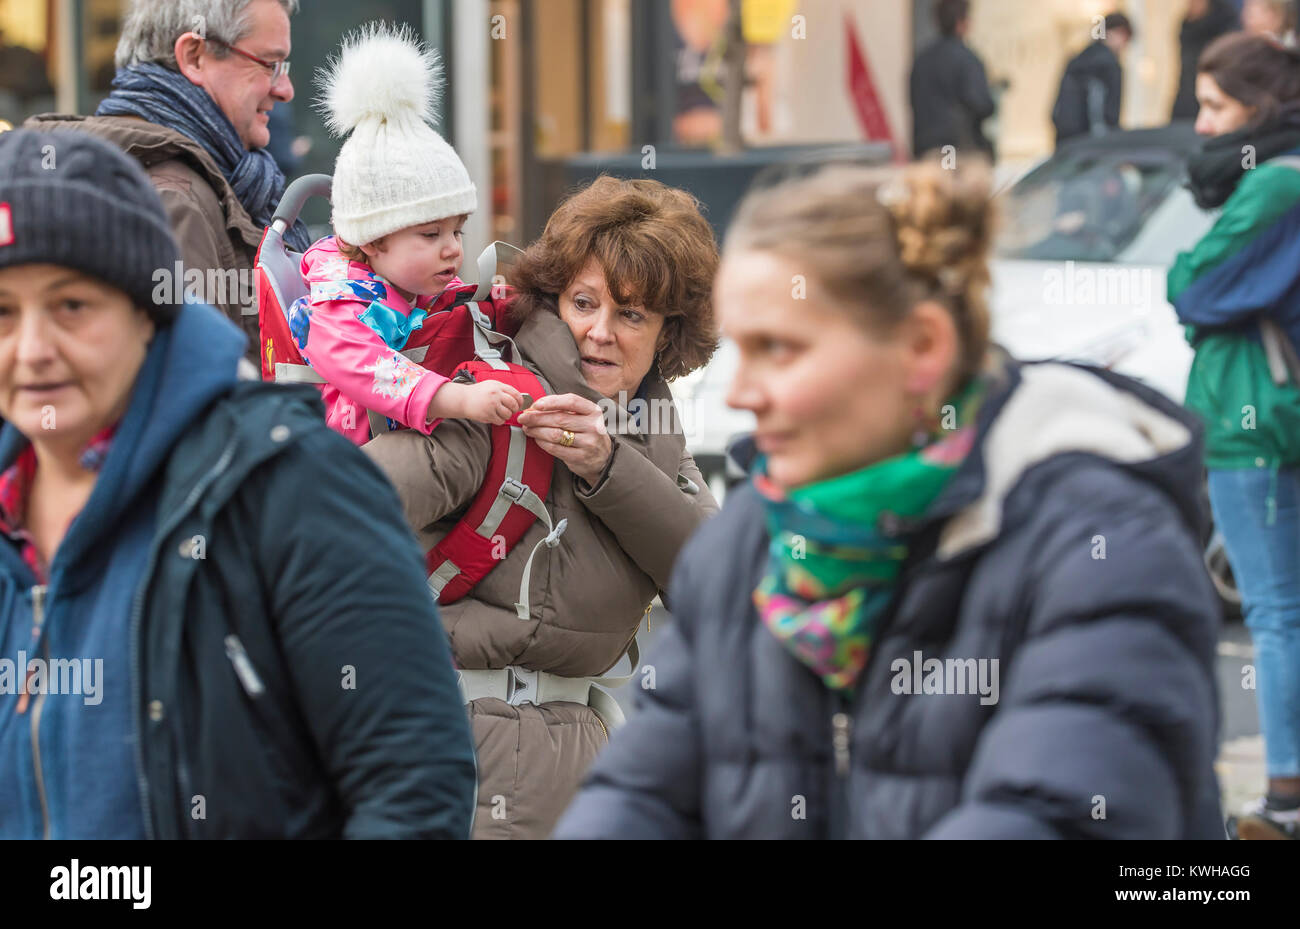 Femme portant un enfant sur ses épaules, un piggy back ride, parmi la foule dans une rue animée de l'Angleterre, Banque D'Images